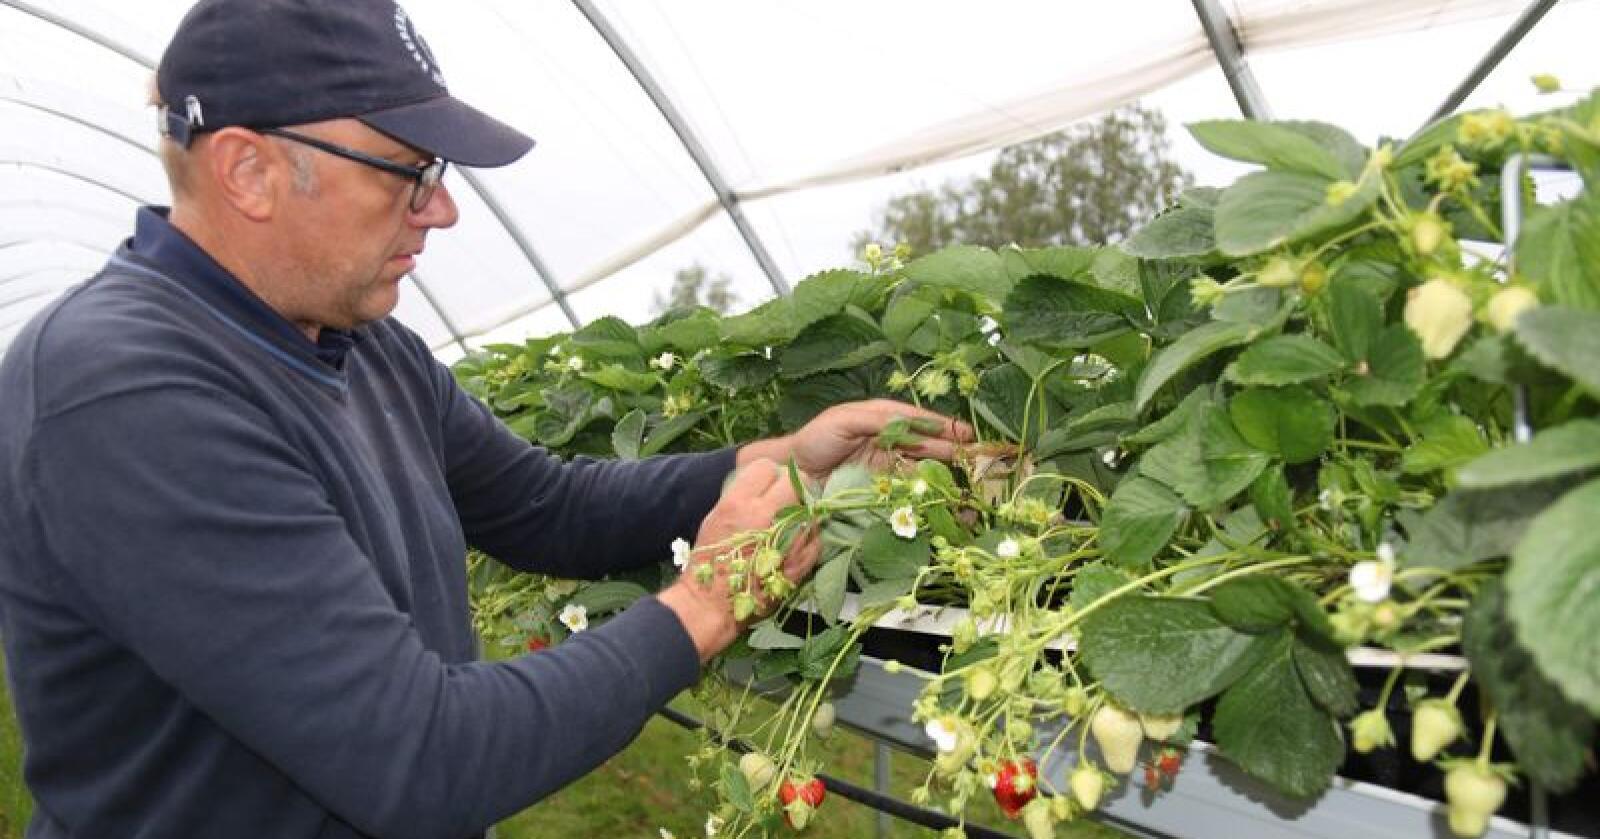 Simen Myhrene gir opp produksjon av økologiske jordbær, men kommer ikke til å sprøyte noen jordbær mot meldugg neste år. Foto: Dag Idar Jøsang